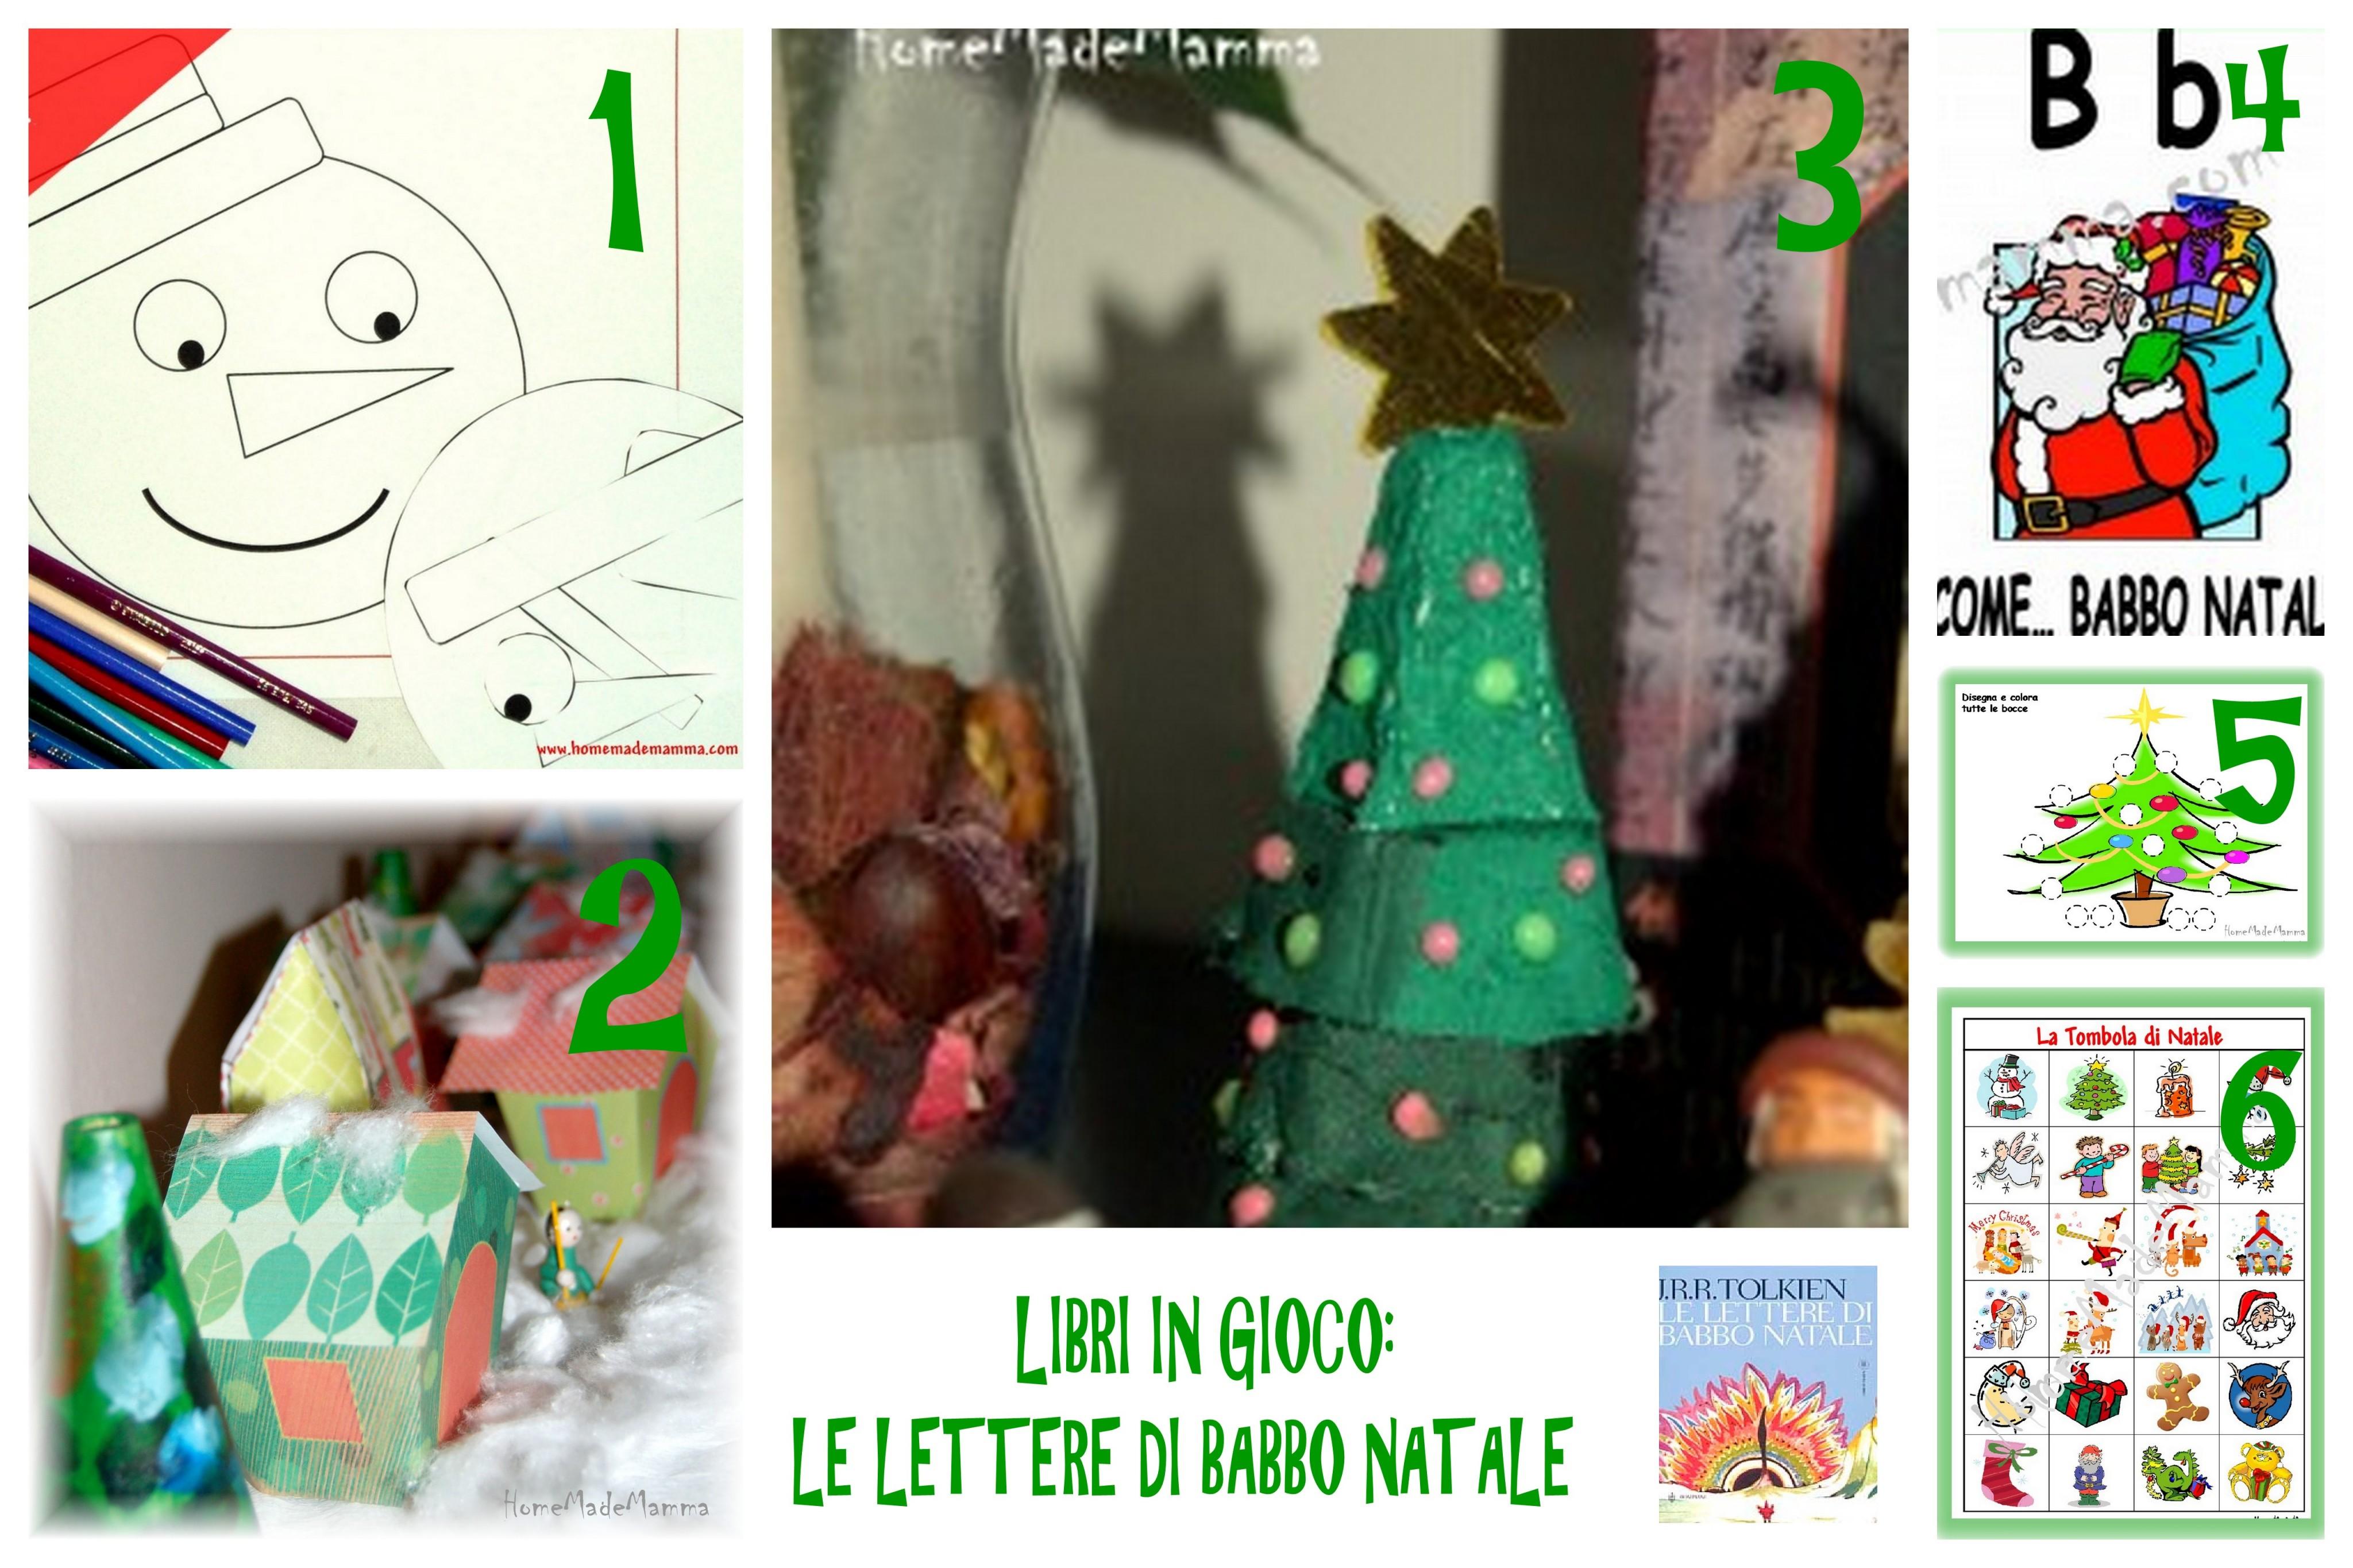 LIBRI IN GIOCO attivitä e giochi sulle orme del libro Lettere di Babbo Natale